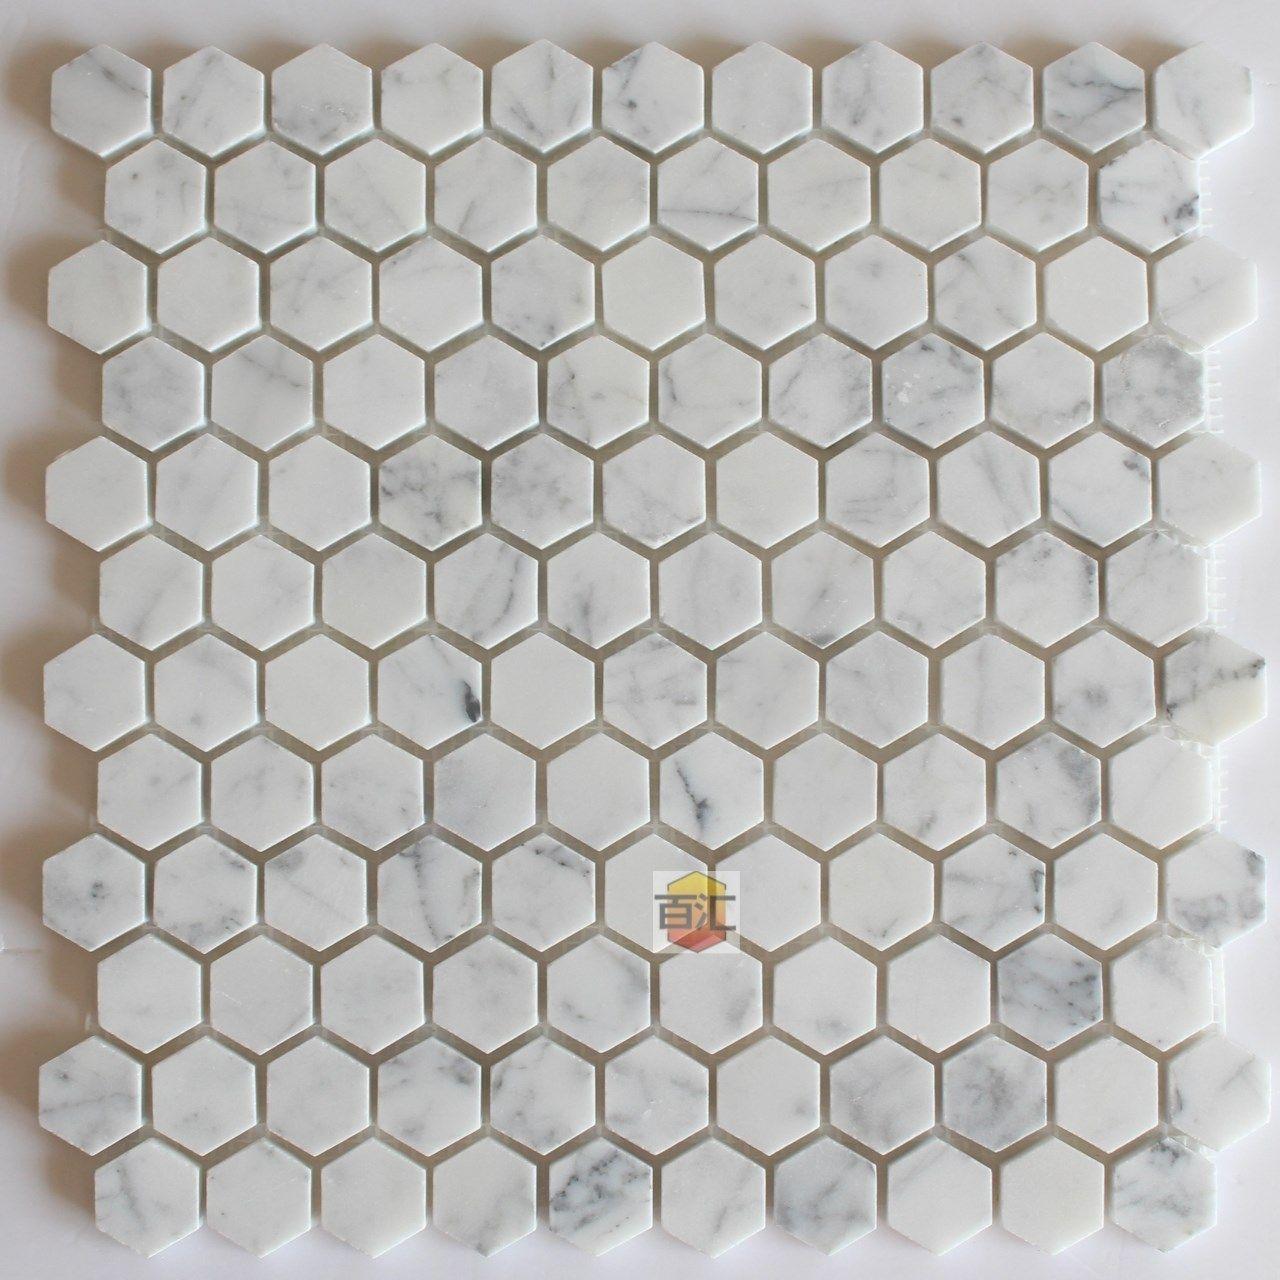 Carreaux De Marbre Blanc De Carrare Mosaique Hexagonale Brillant